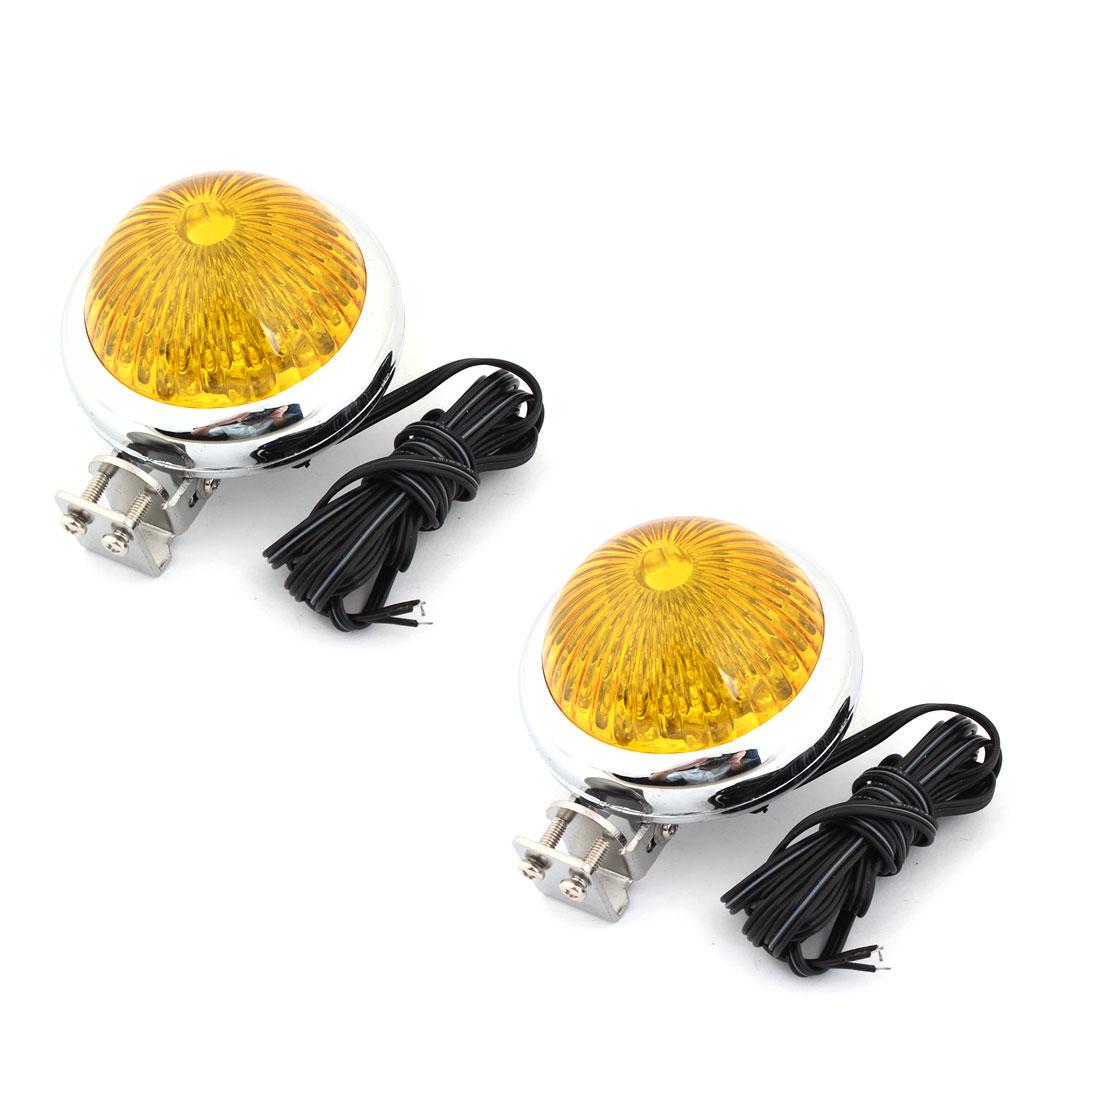 Universal Car Decor Yellow LED Pilot Tail Signal Light 2 Pcs